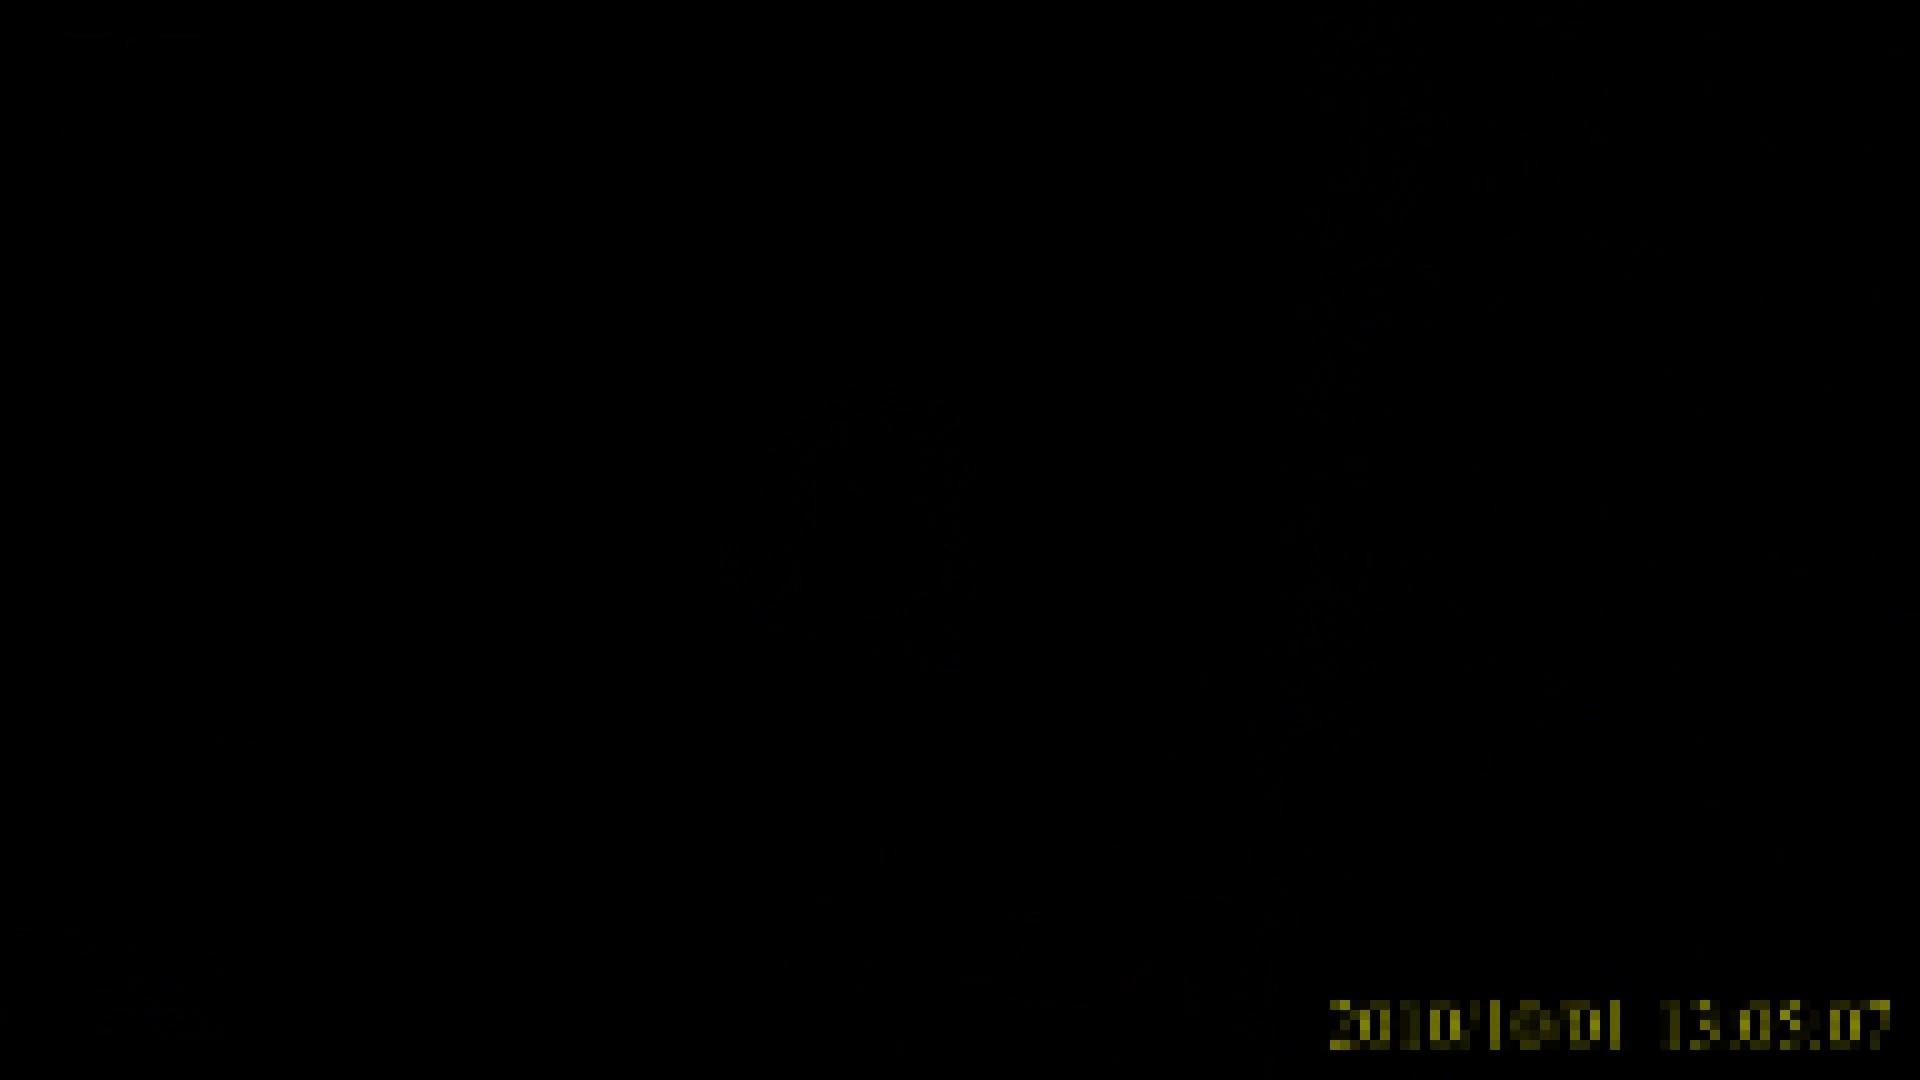 【未公開】vol.96 {茶髪→黒髪ギャル}美巨乳アミちゃん③【前編】 丸見え 性交動画流出 108画像 27